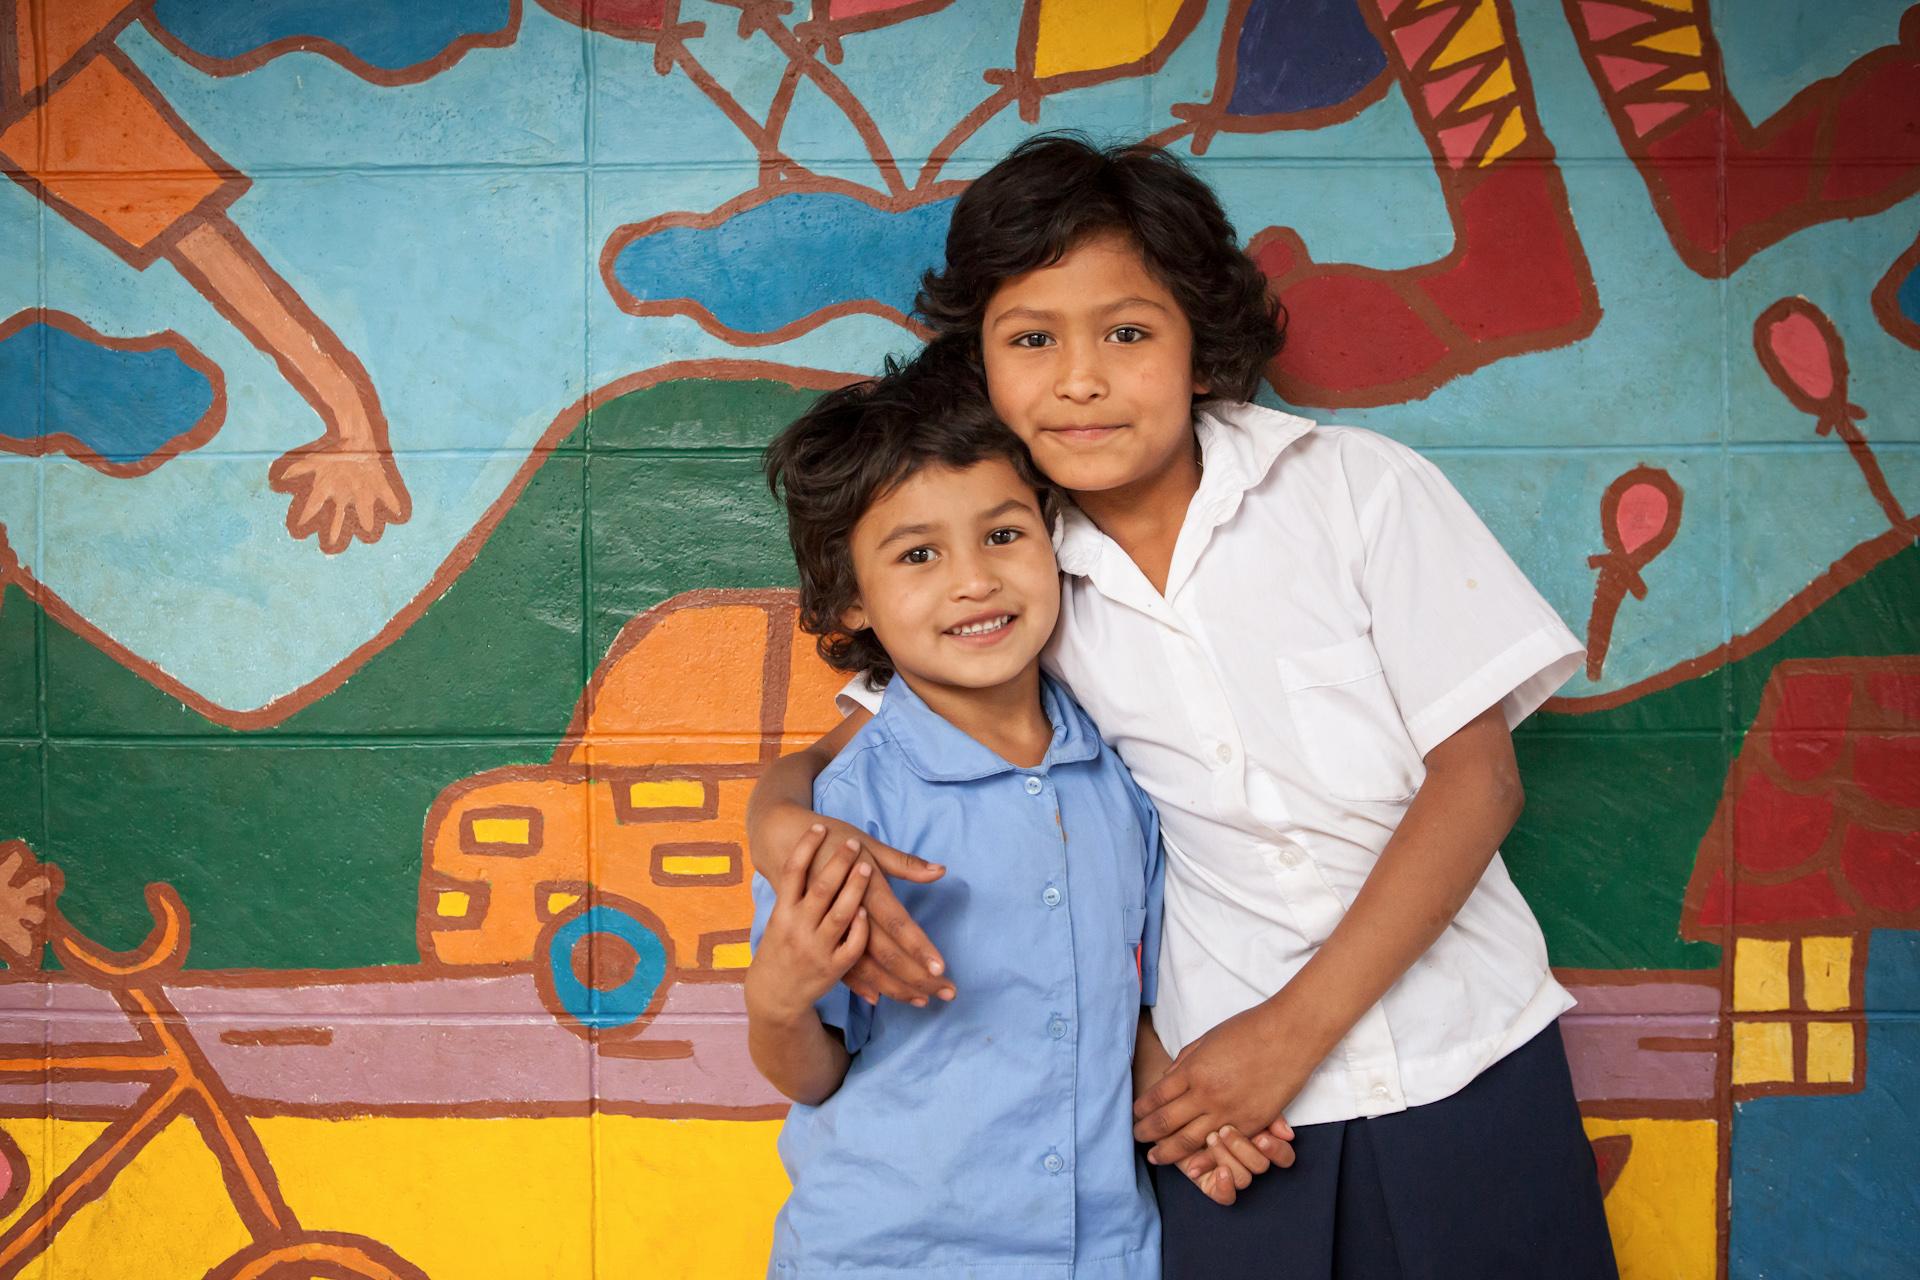 Humanitarian-Education-Contextos-El-Salvador-Children-05.JPG